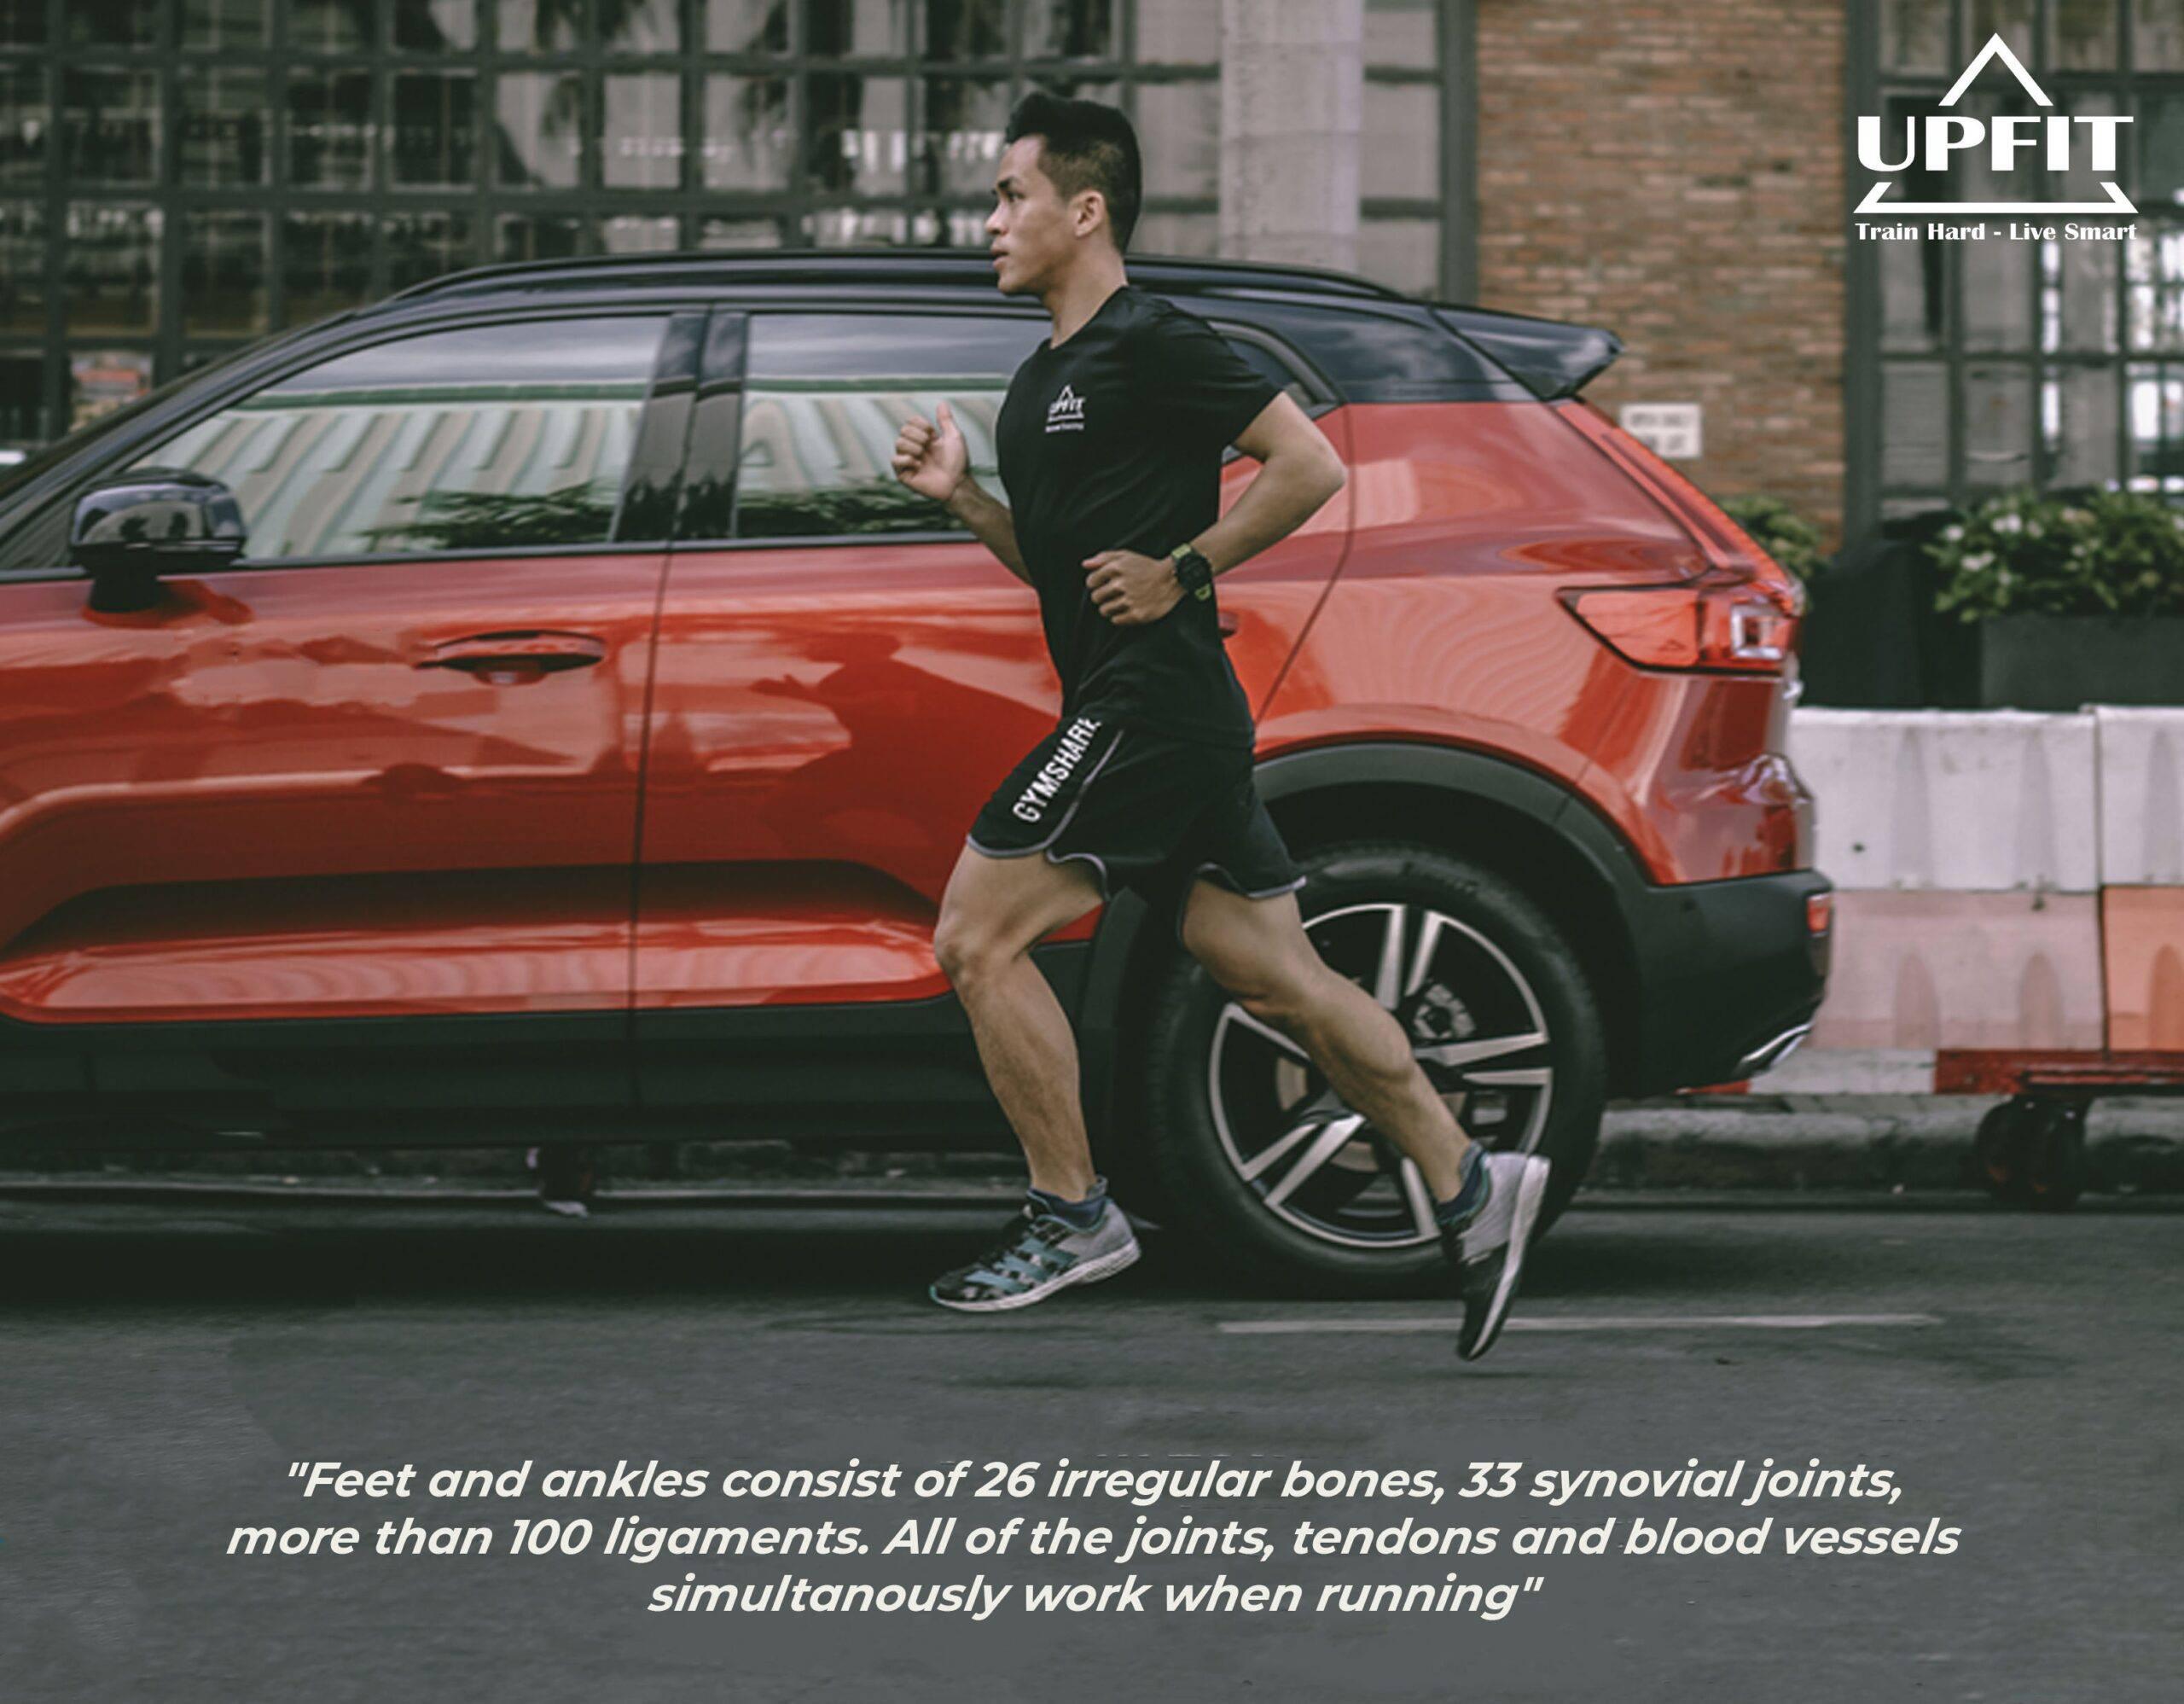 Biomechanics of running